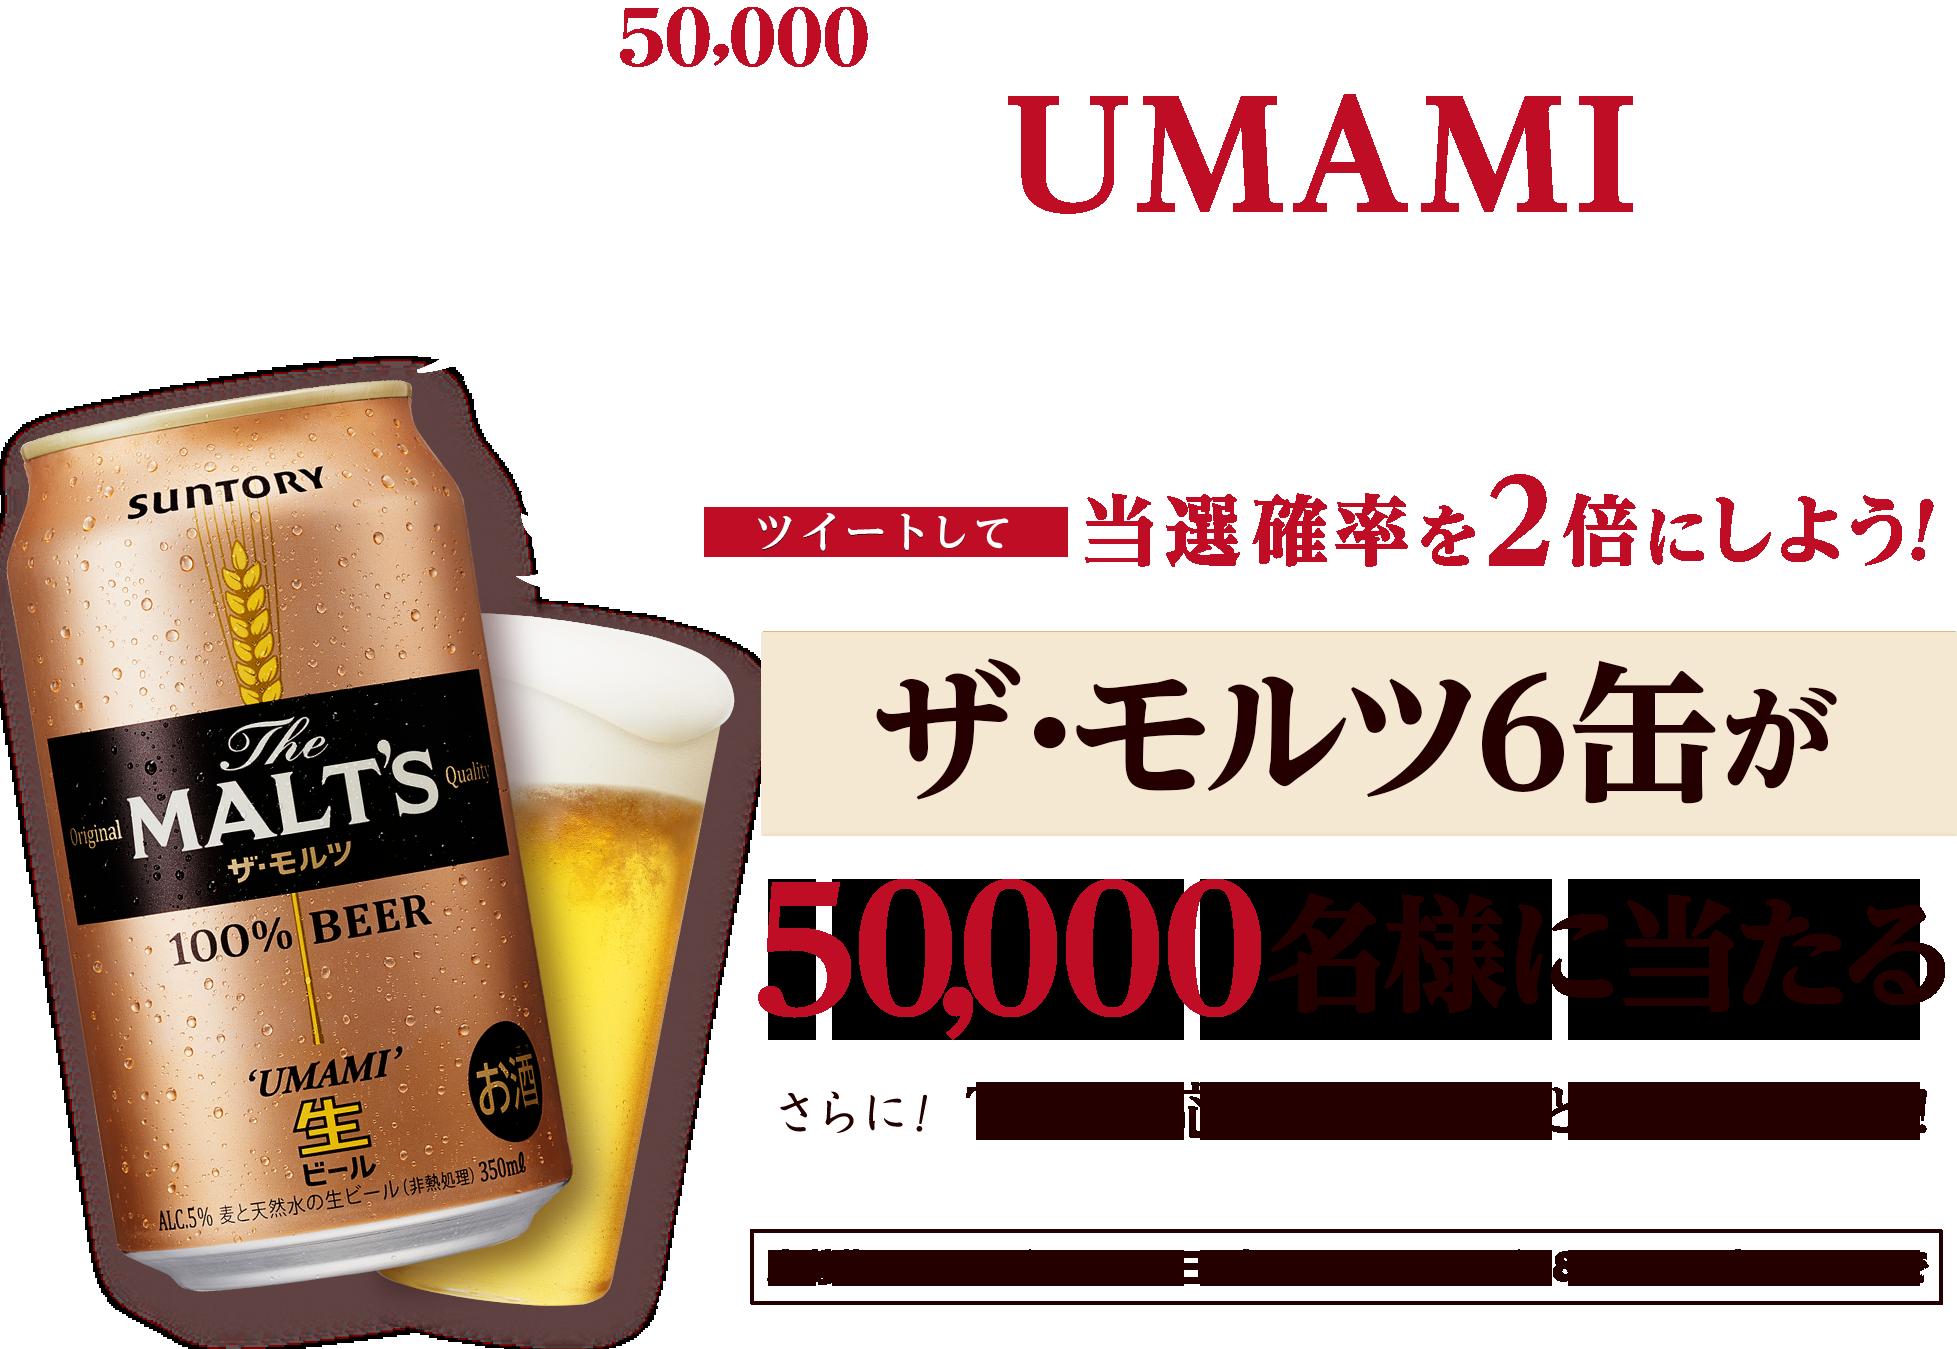 サントリーのザ・モルツUMAMI実感キャンペーンが6缶セットが抽選で5万名に当たる。~8/19。